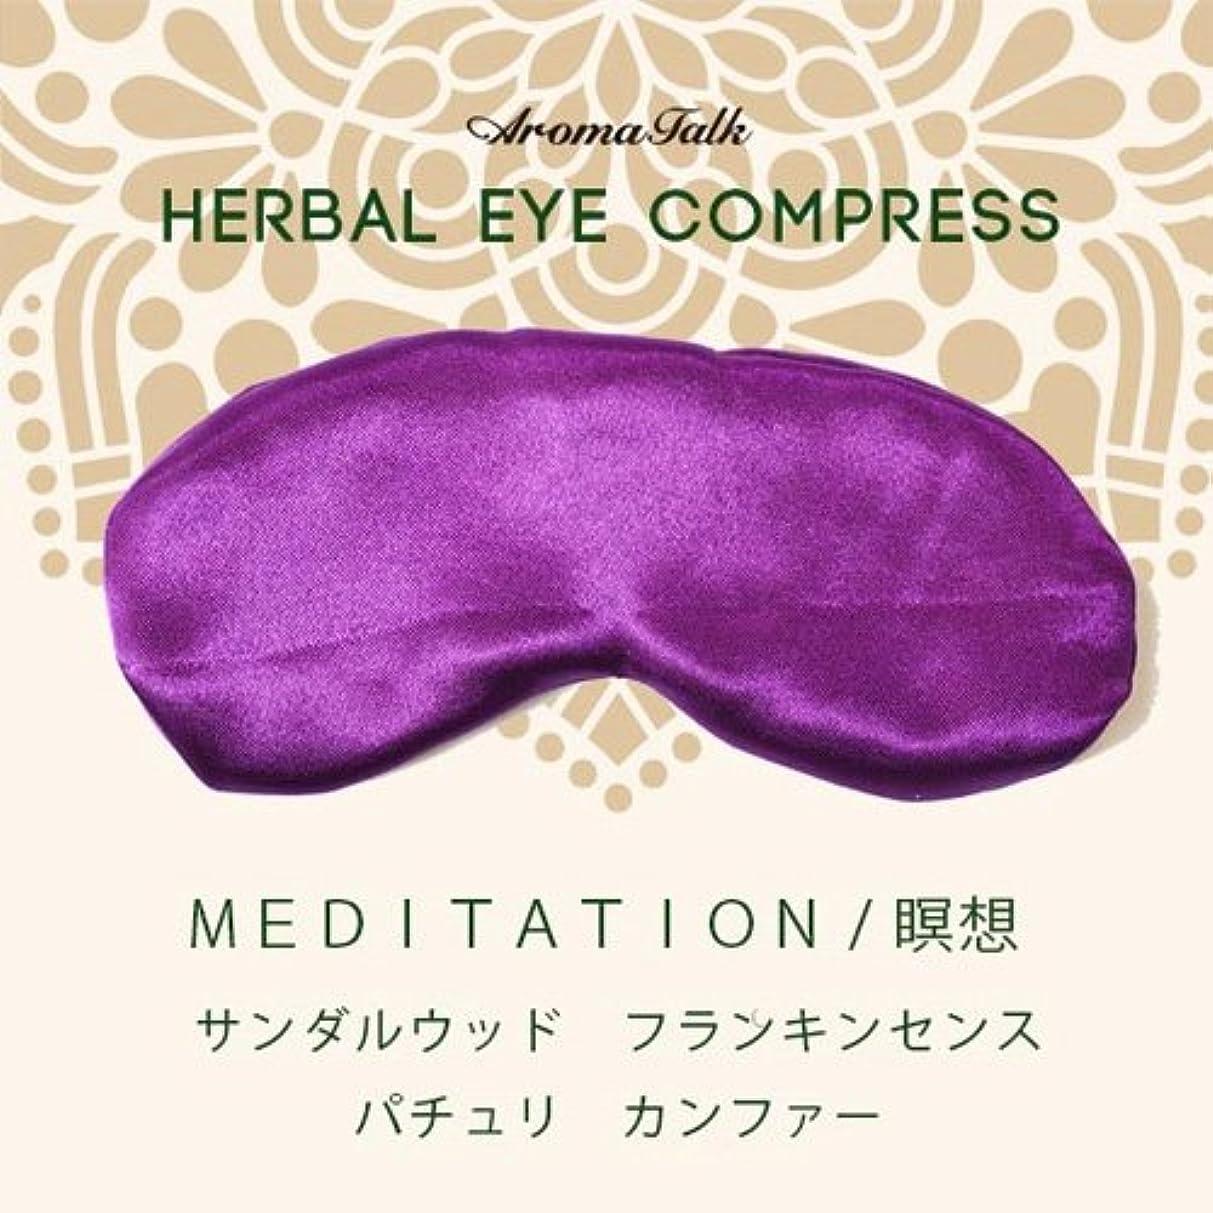 ストライプ年齢申請者ハーバルアイコンプレス「メディテイション 瞑想」紫/禅をイメージしたウッド系の香り